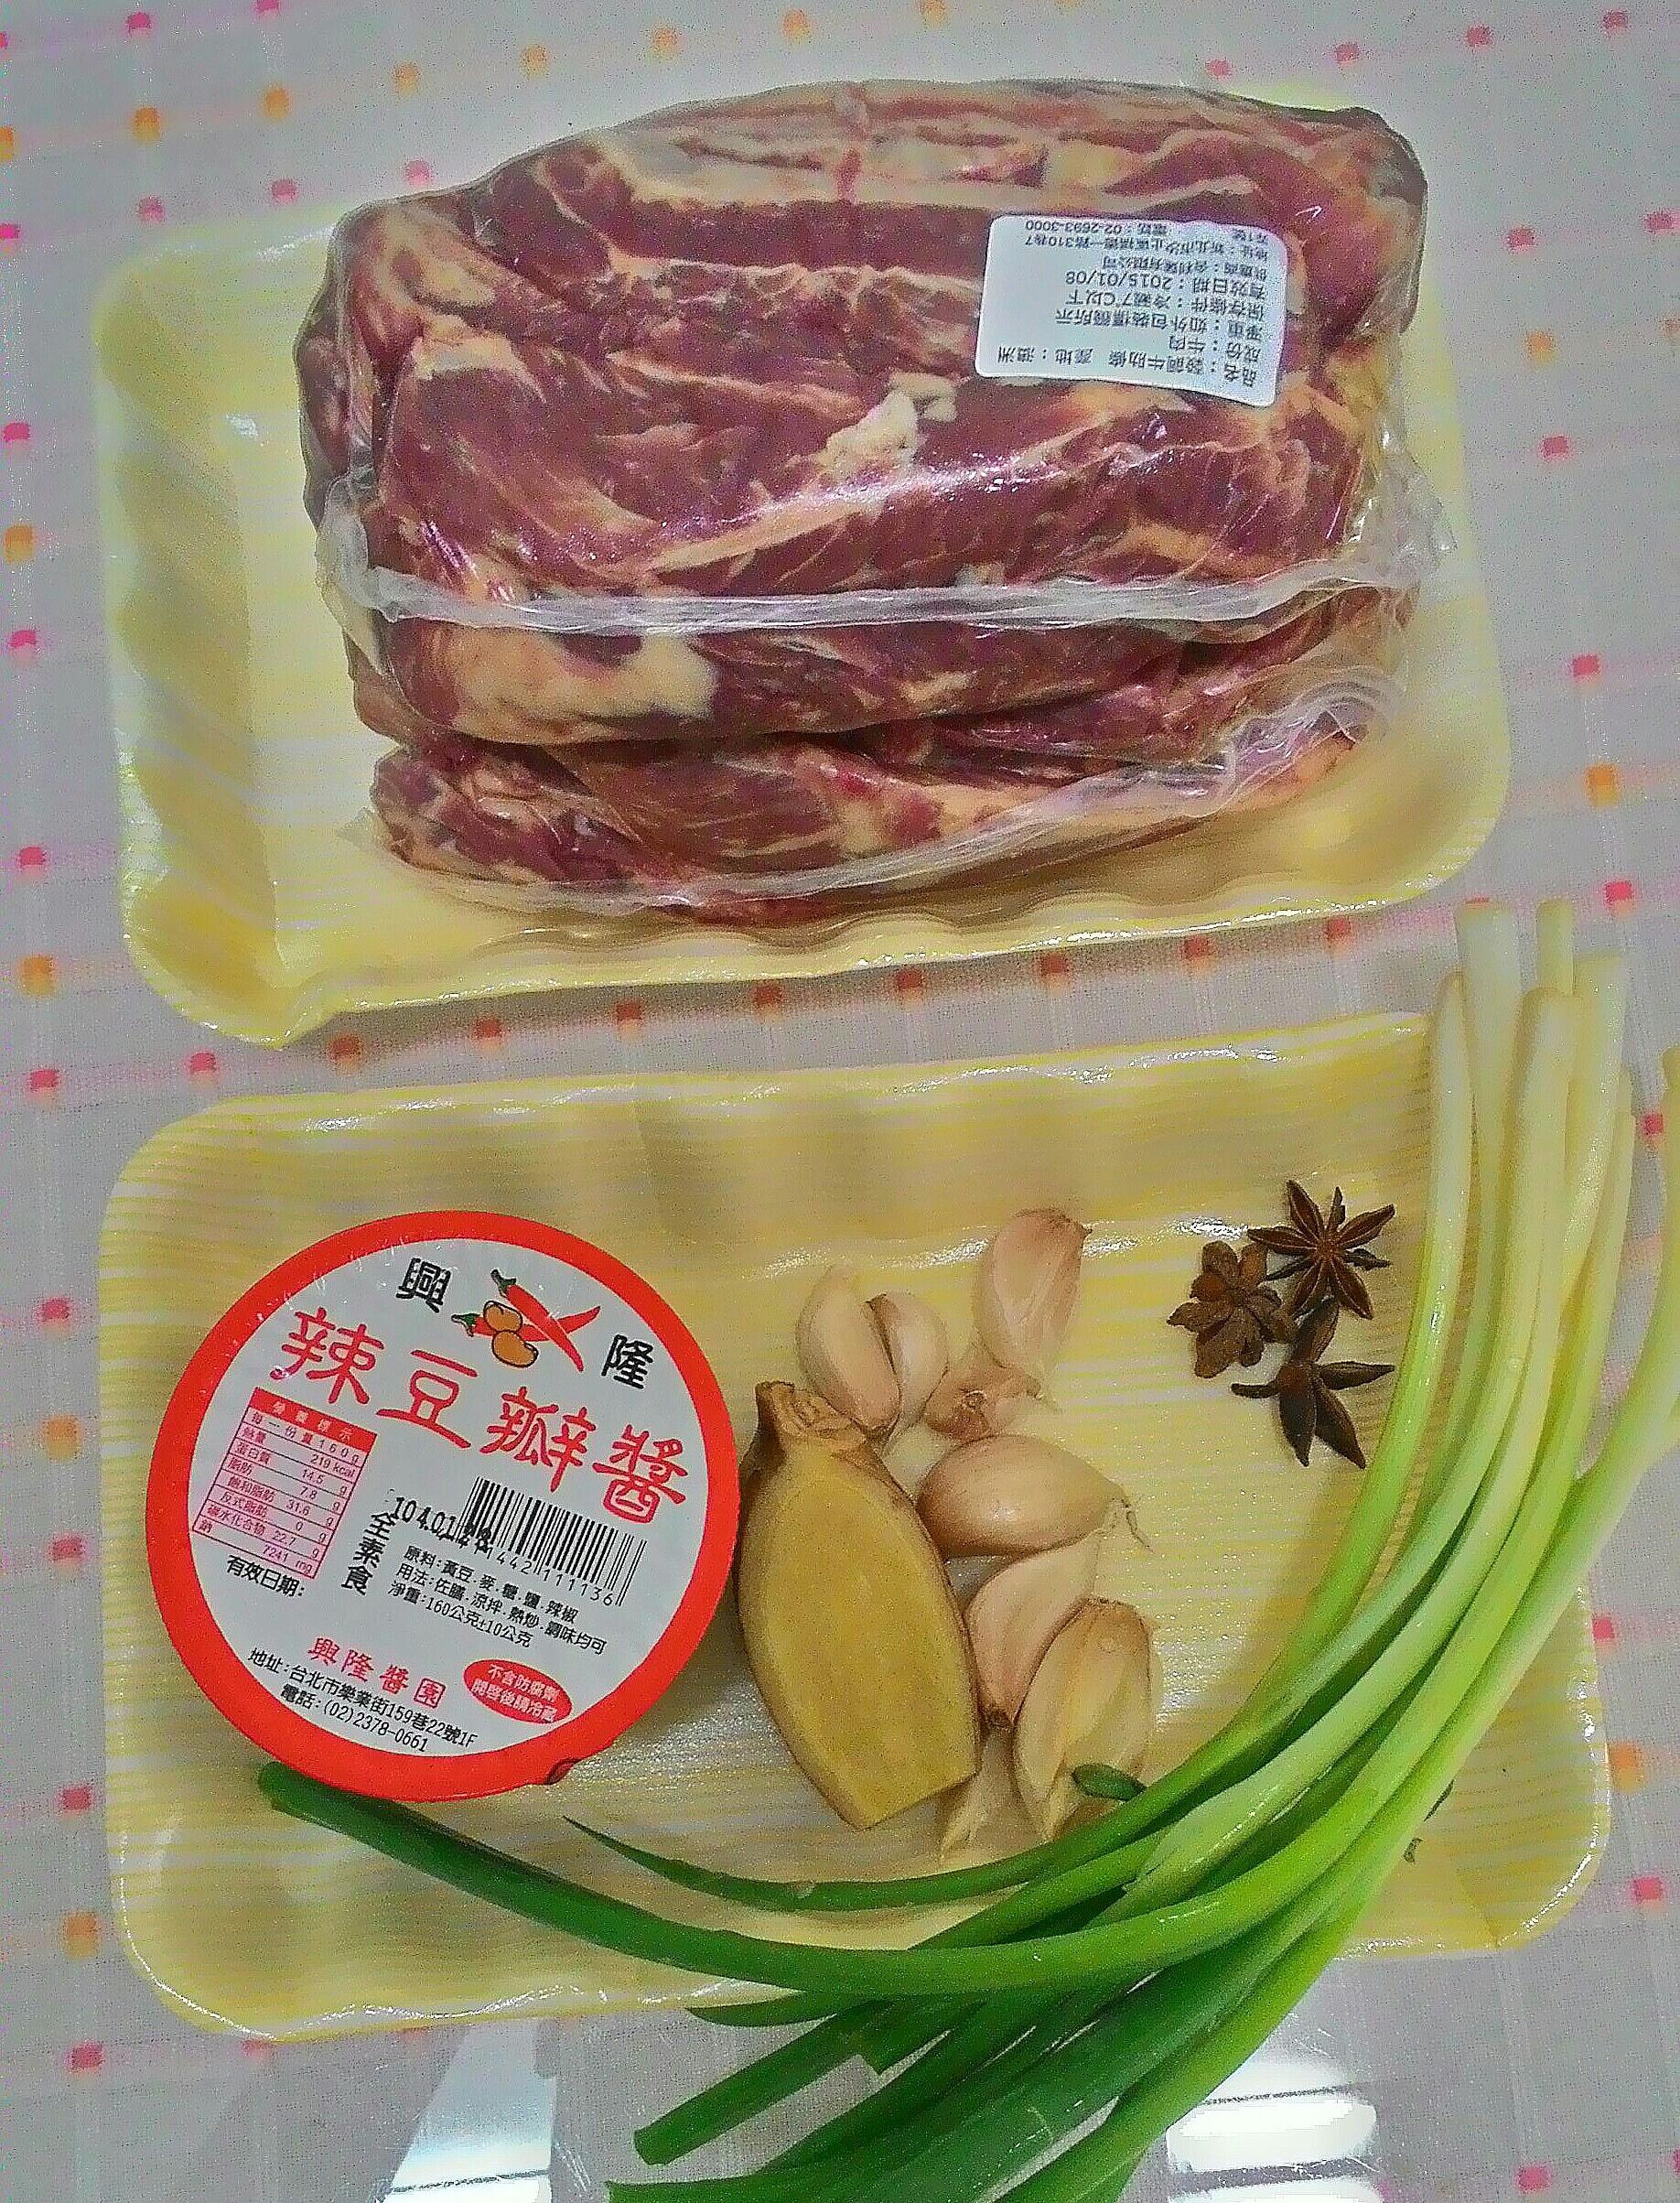 「紅燒牛肉」食材以「牛勒條」為主。